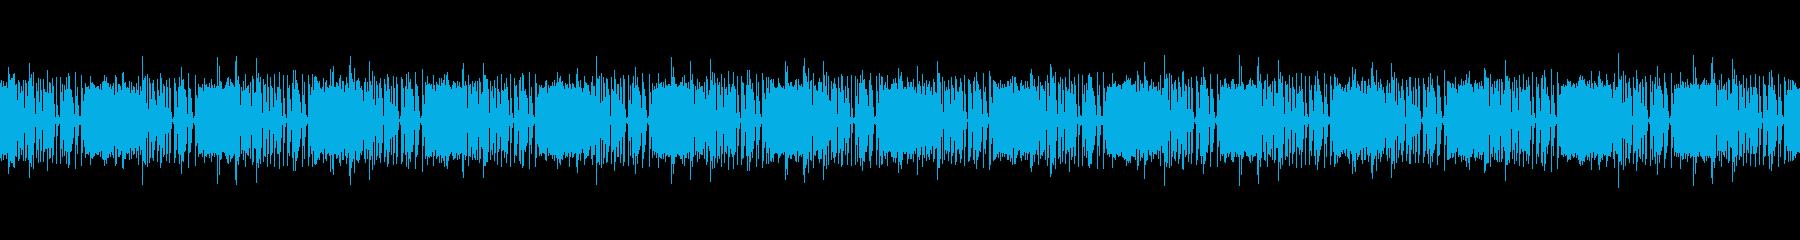 マシンガン中速連射 したイメージです。の再生済みの波形